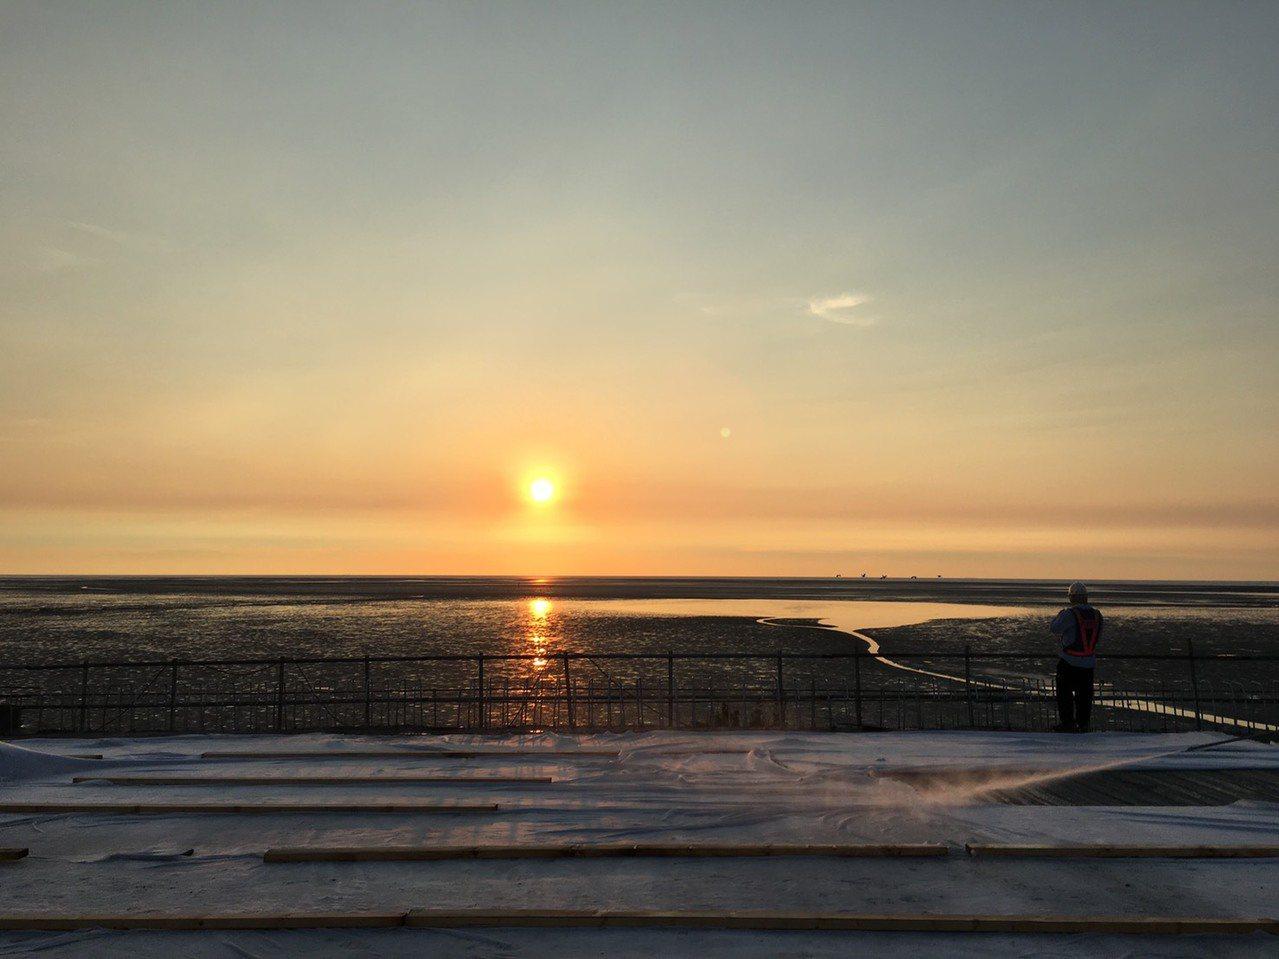 從西濱快速道路望去的夕陽美景。圖/舒康運動協會提供